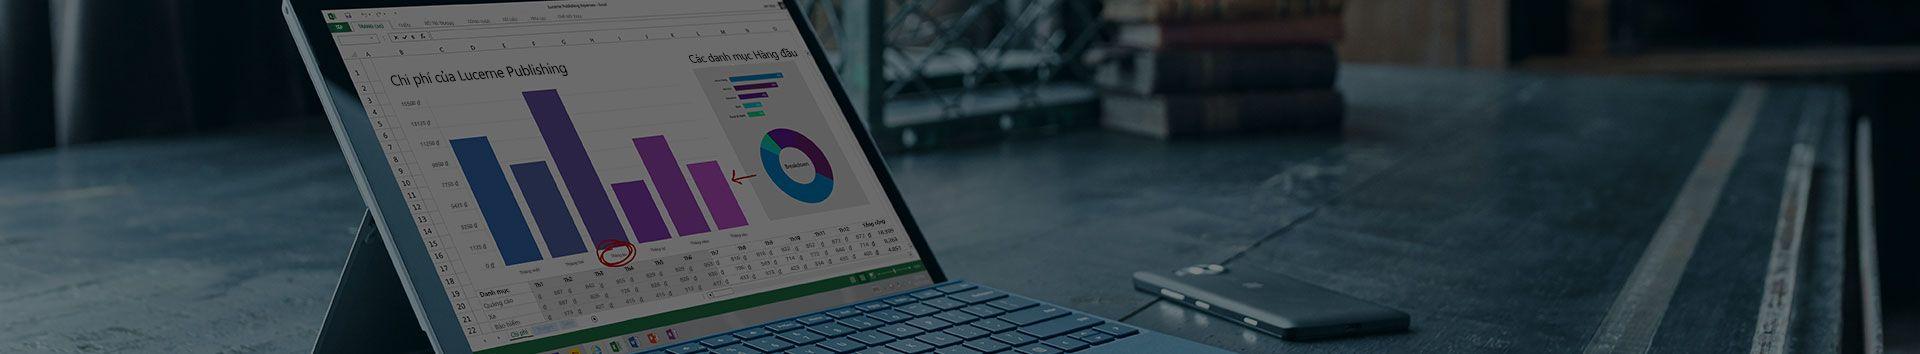 Một máy tính bảng Microsoft Surface đang hiển thị báo cáo chi phí trong Microsoft Excel